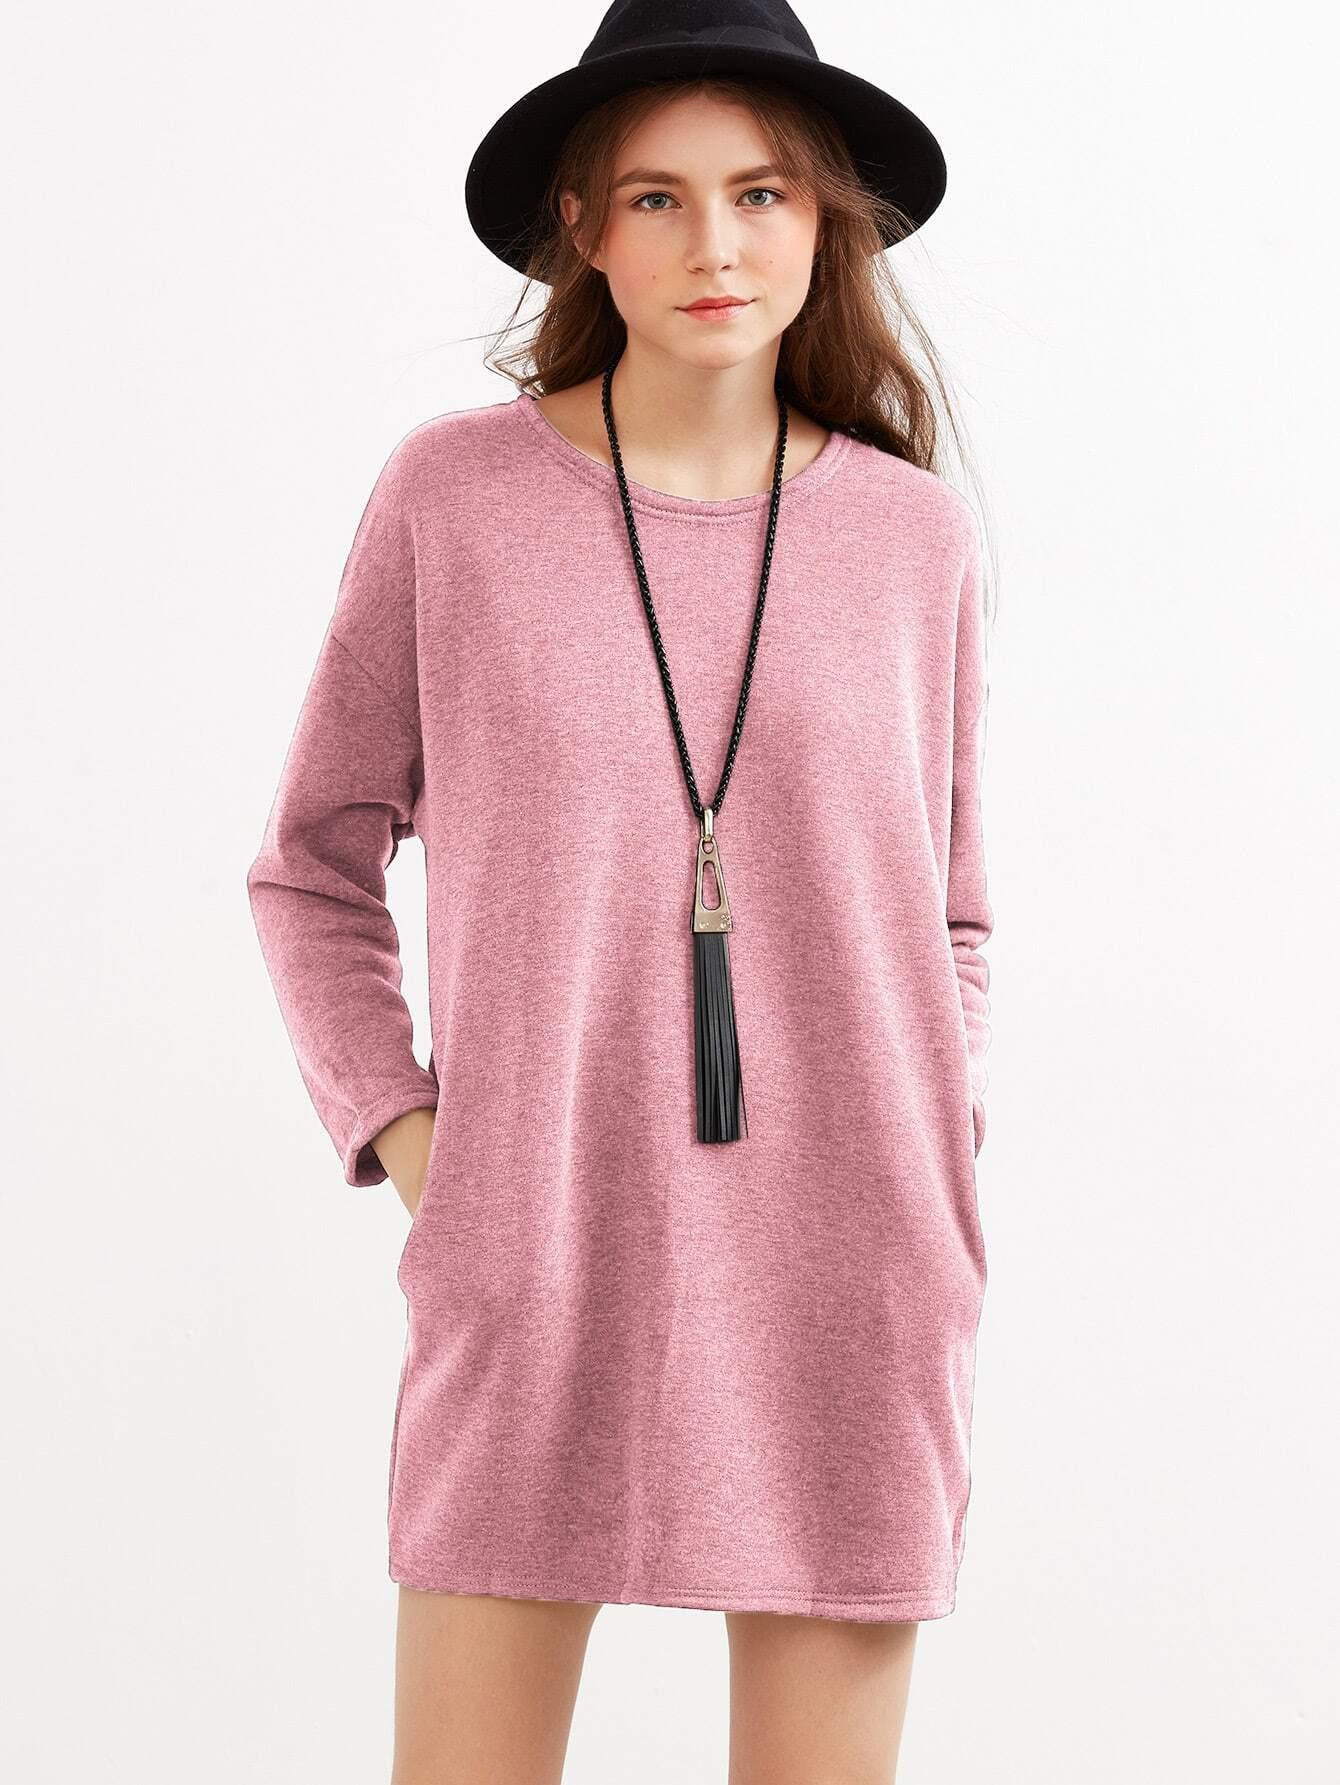 Drop Shoulder Pockets Dress